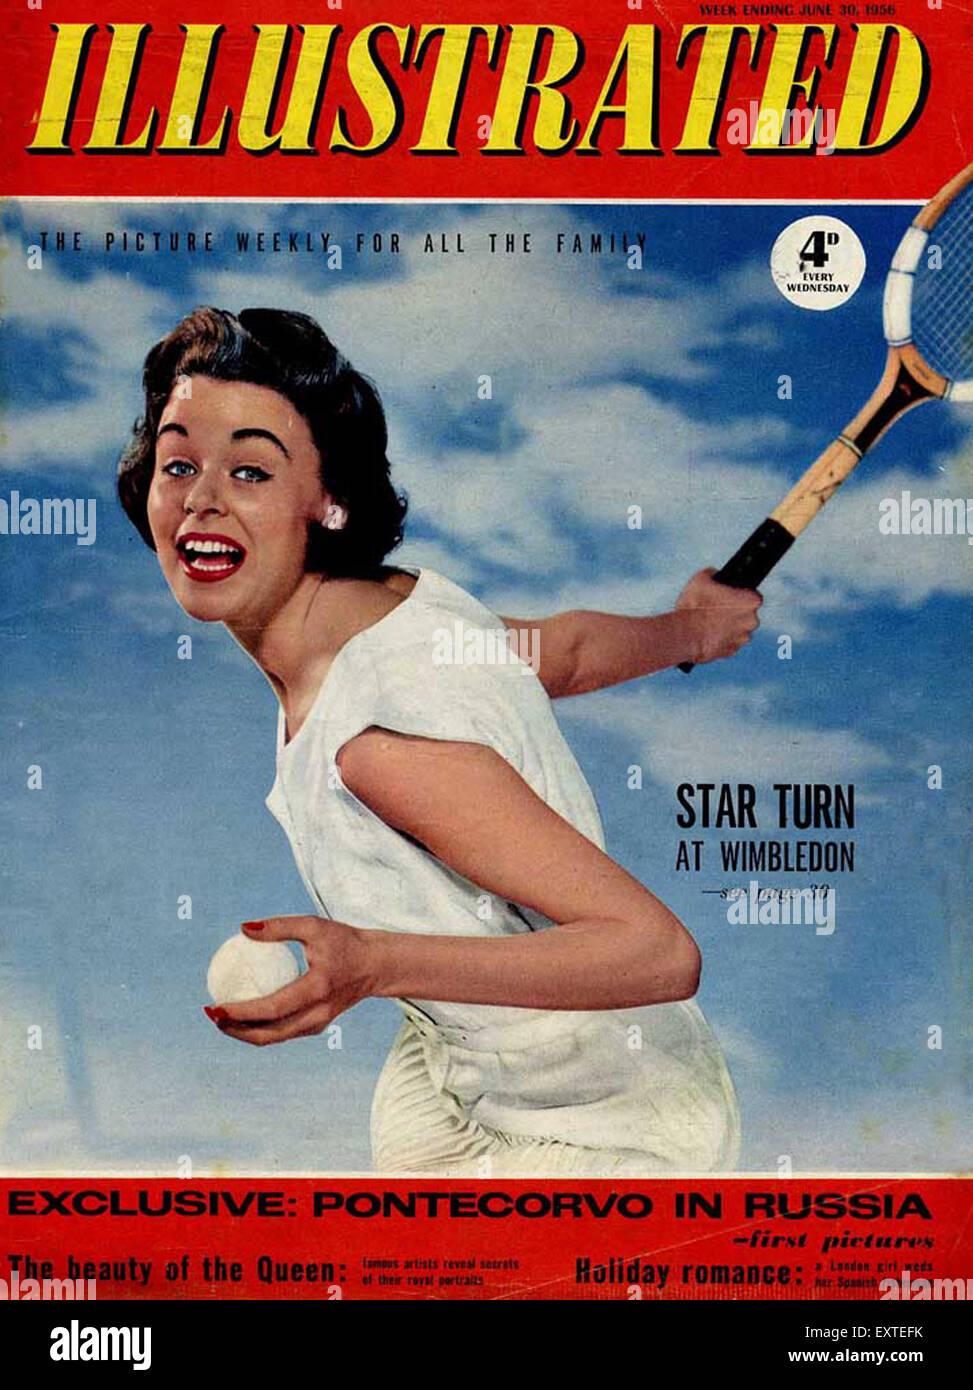 1950s UK Illustrated Magazine Cover - Stock Image